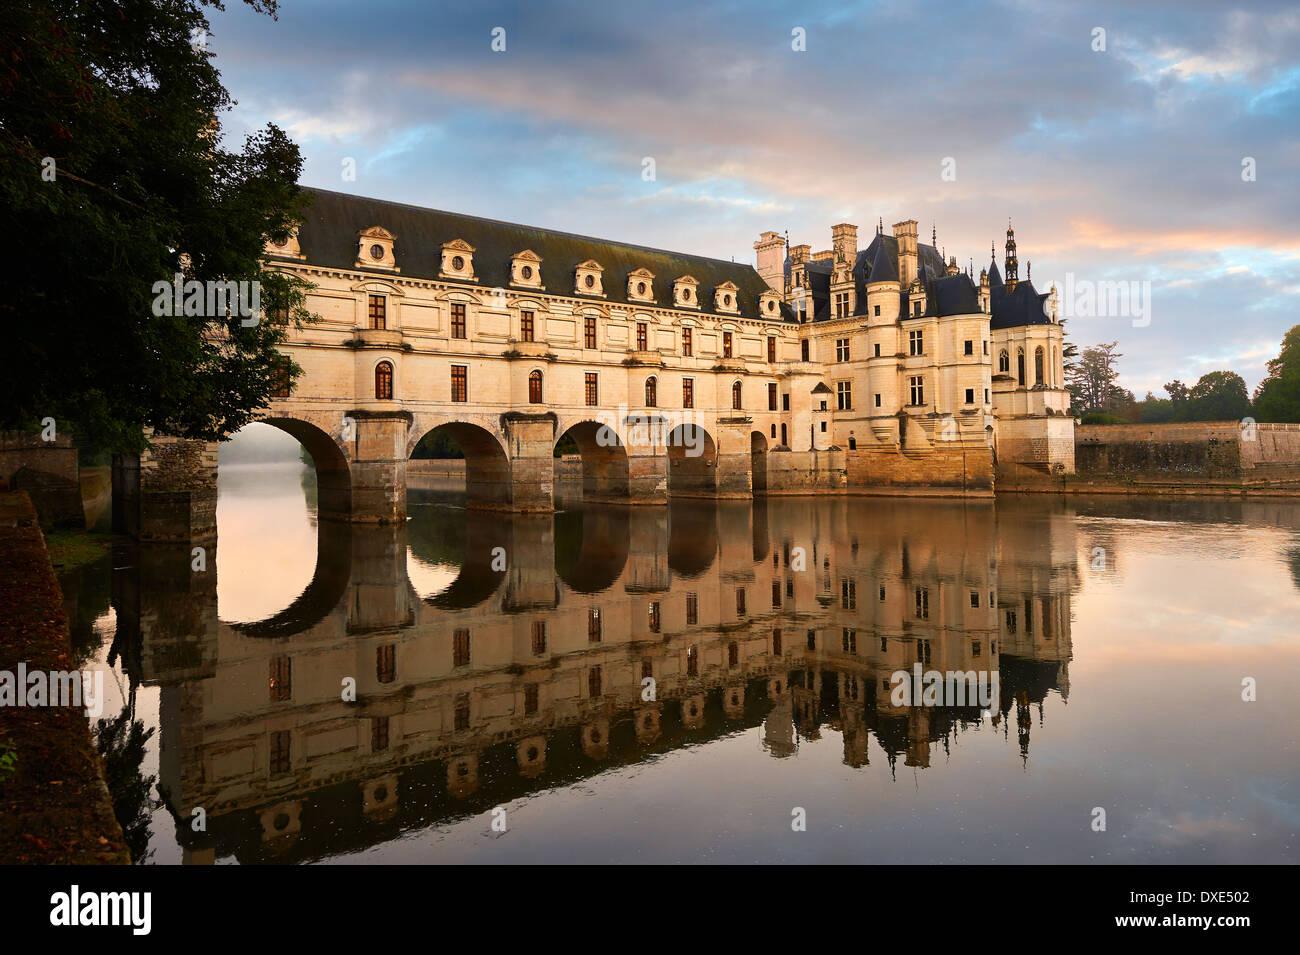 Château de Chenonceau, diseñada por el arquitecto francés Philibert de l'Orme 1555 por abarcar el río Char. Valle del Loira Chenonceau Imagen De Stock